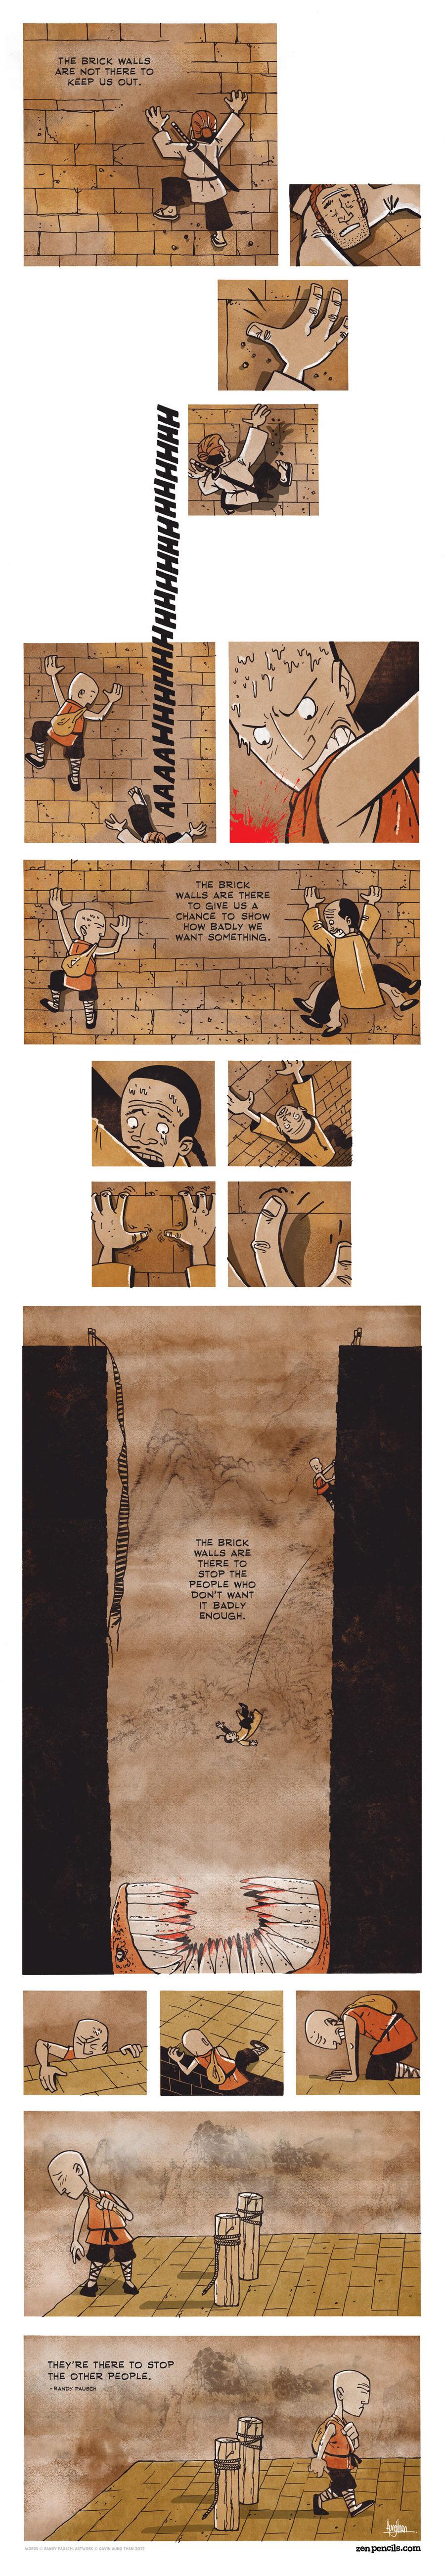 Zen Pencils Comic Strip for December 21, 2015